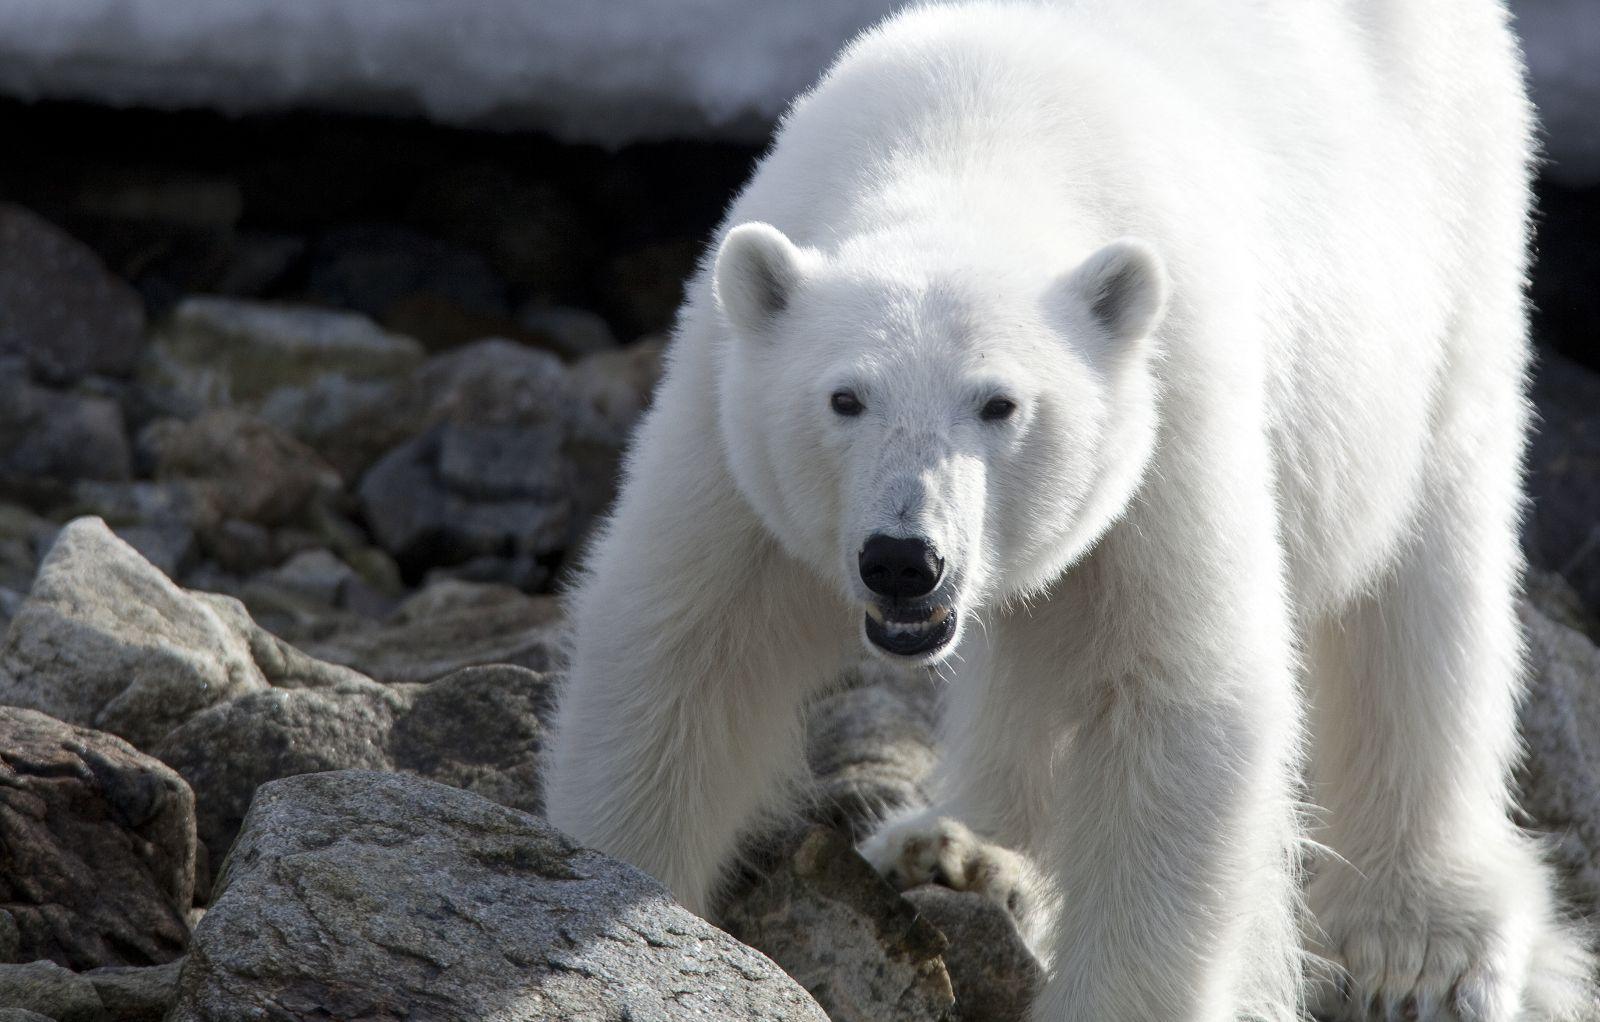 NORVEGIA: Spitsbergen. Nel regno dell'Orso Polare